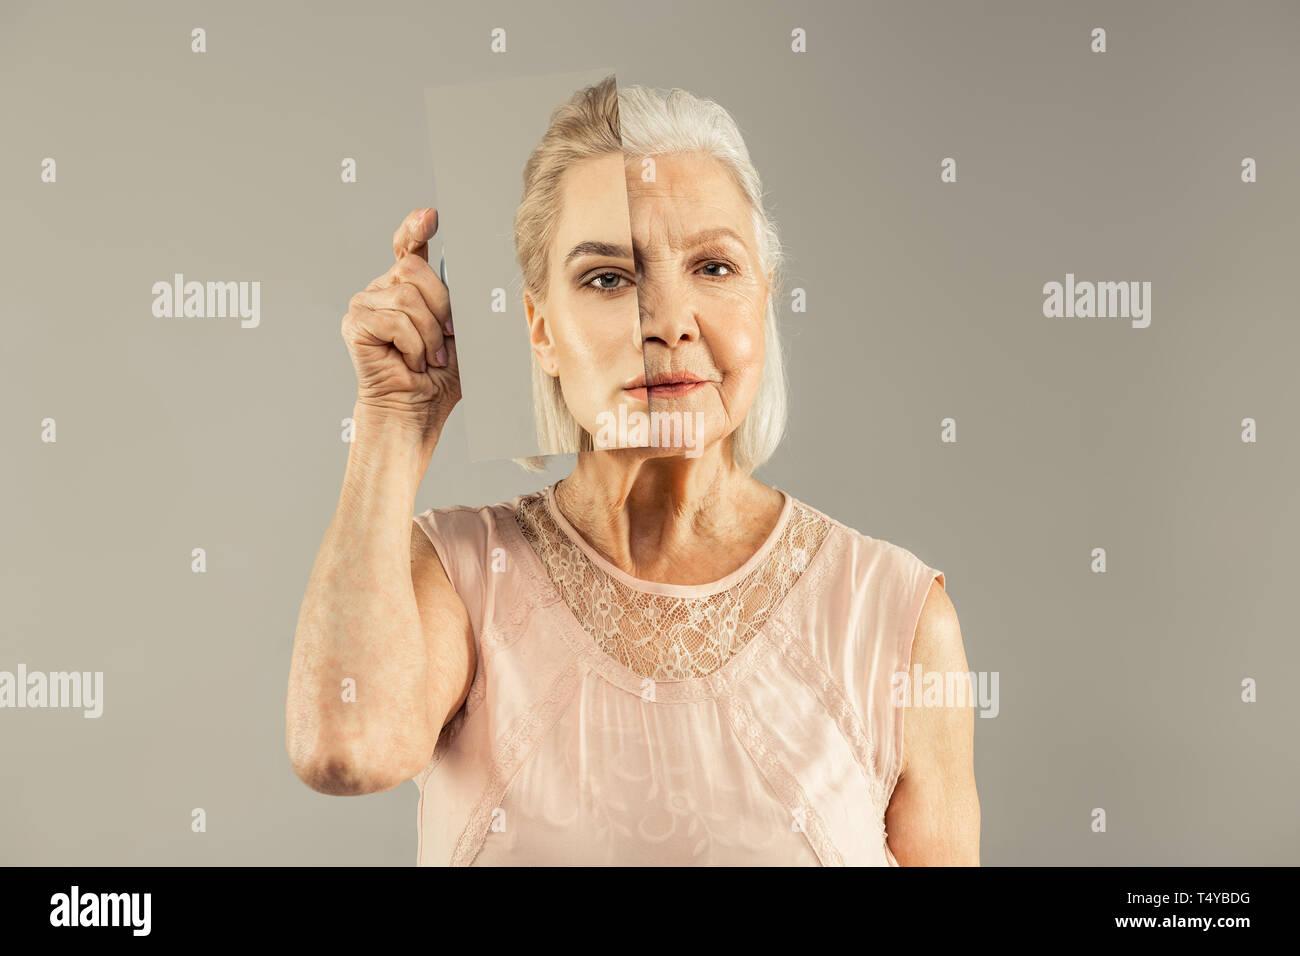 Ernsthafte gealterte Frau mit einem Spiegel in der Nähe von ihr Gesicht Stockbild